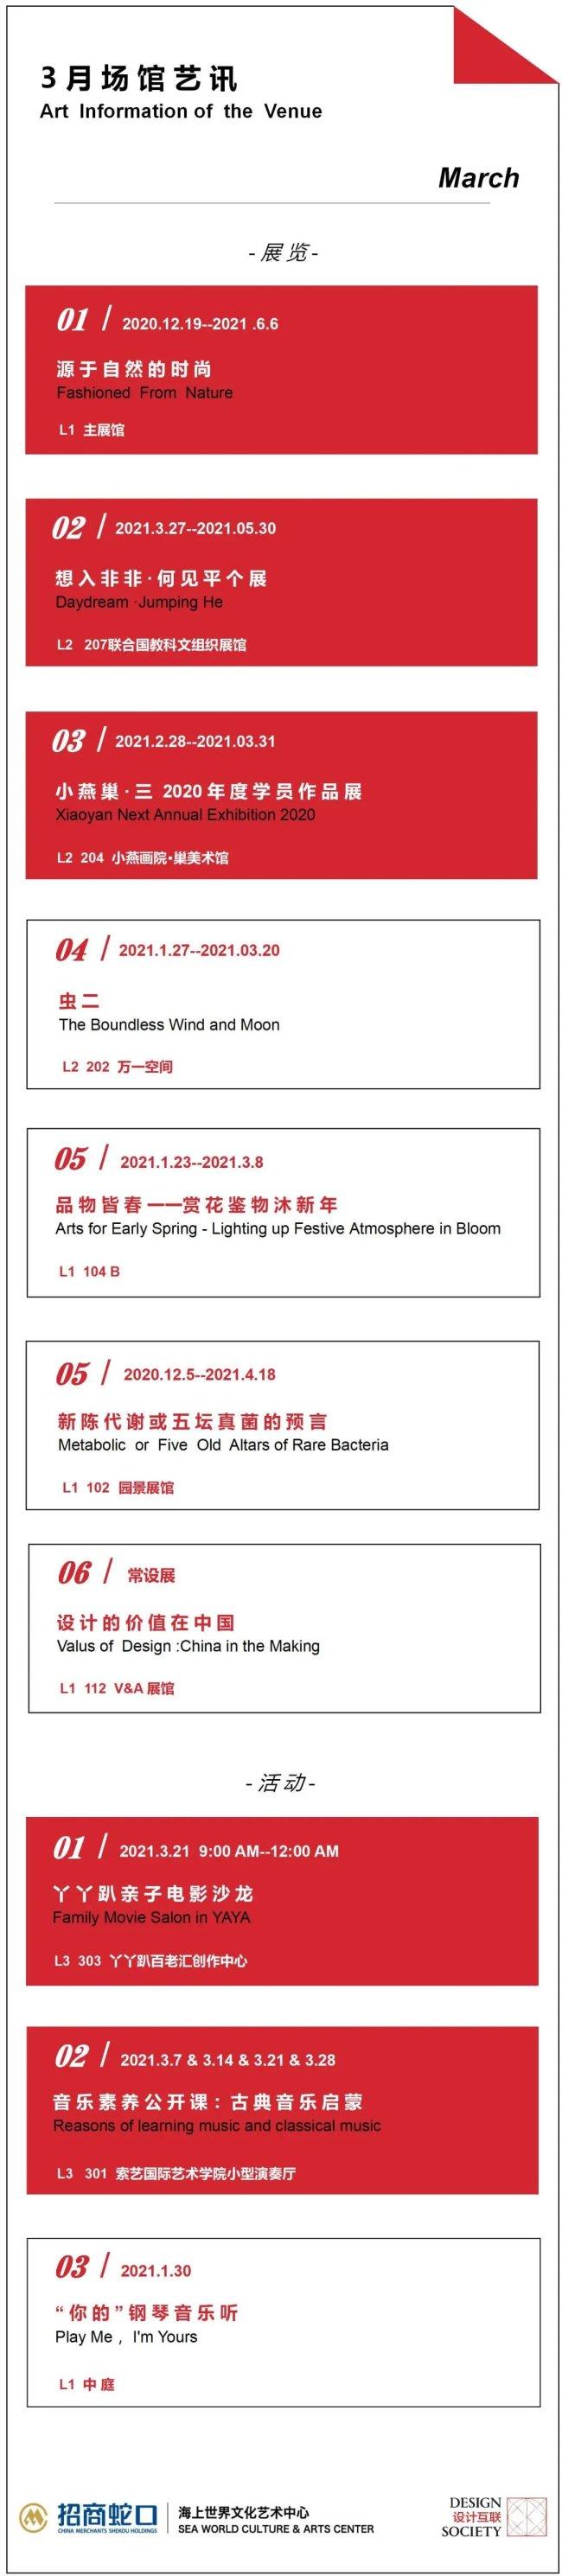 2021深圳海上世界文化艺术中心三月份有展览活动吗?